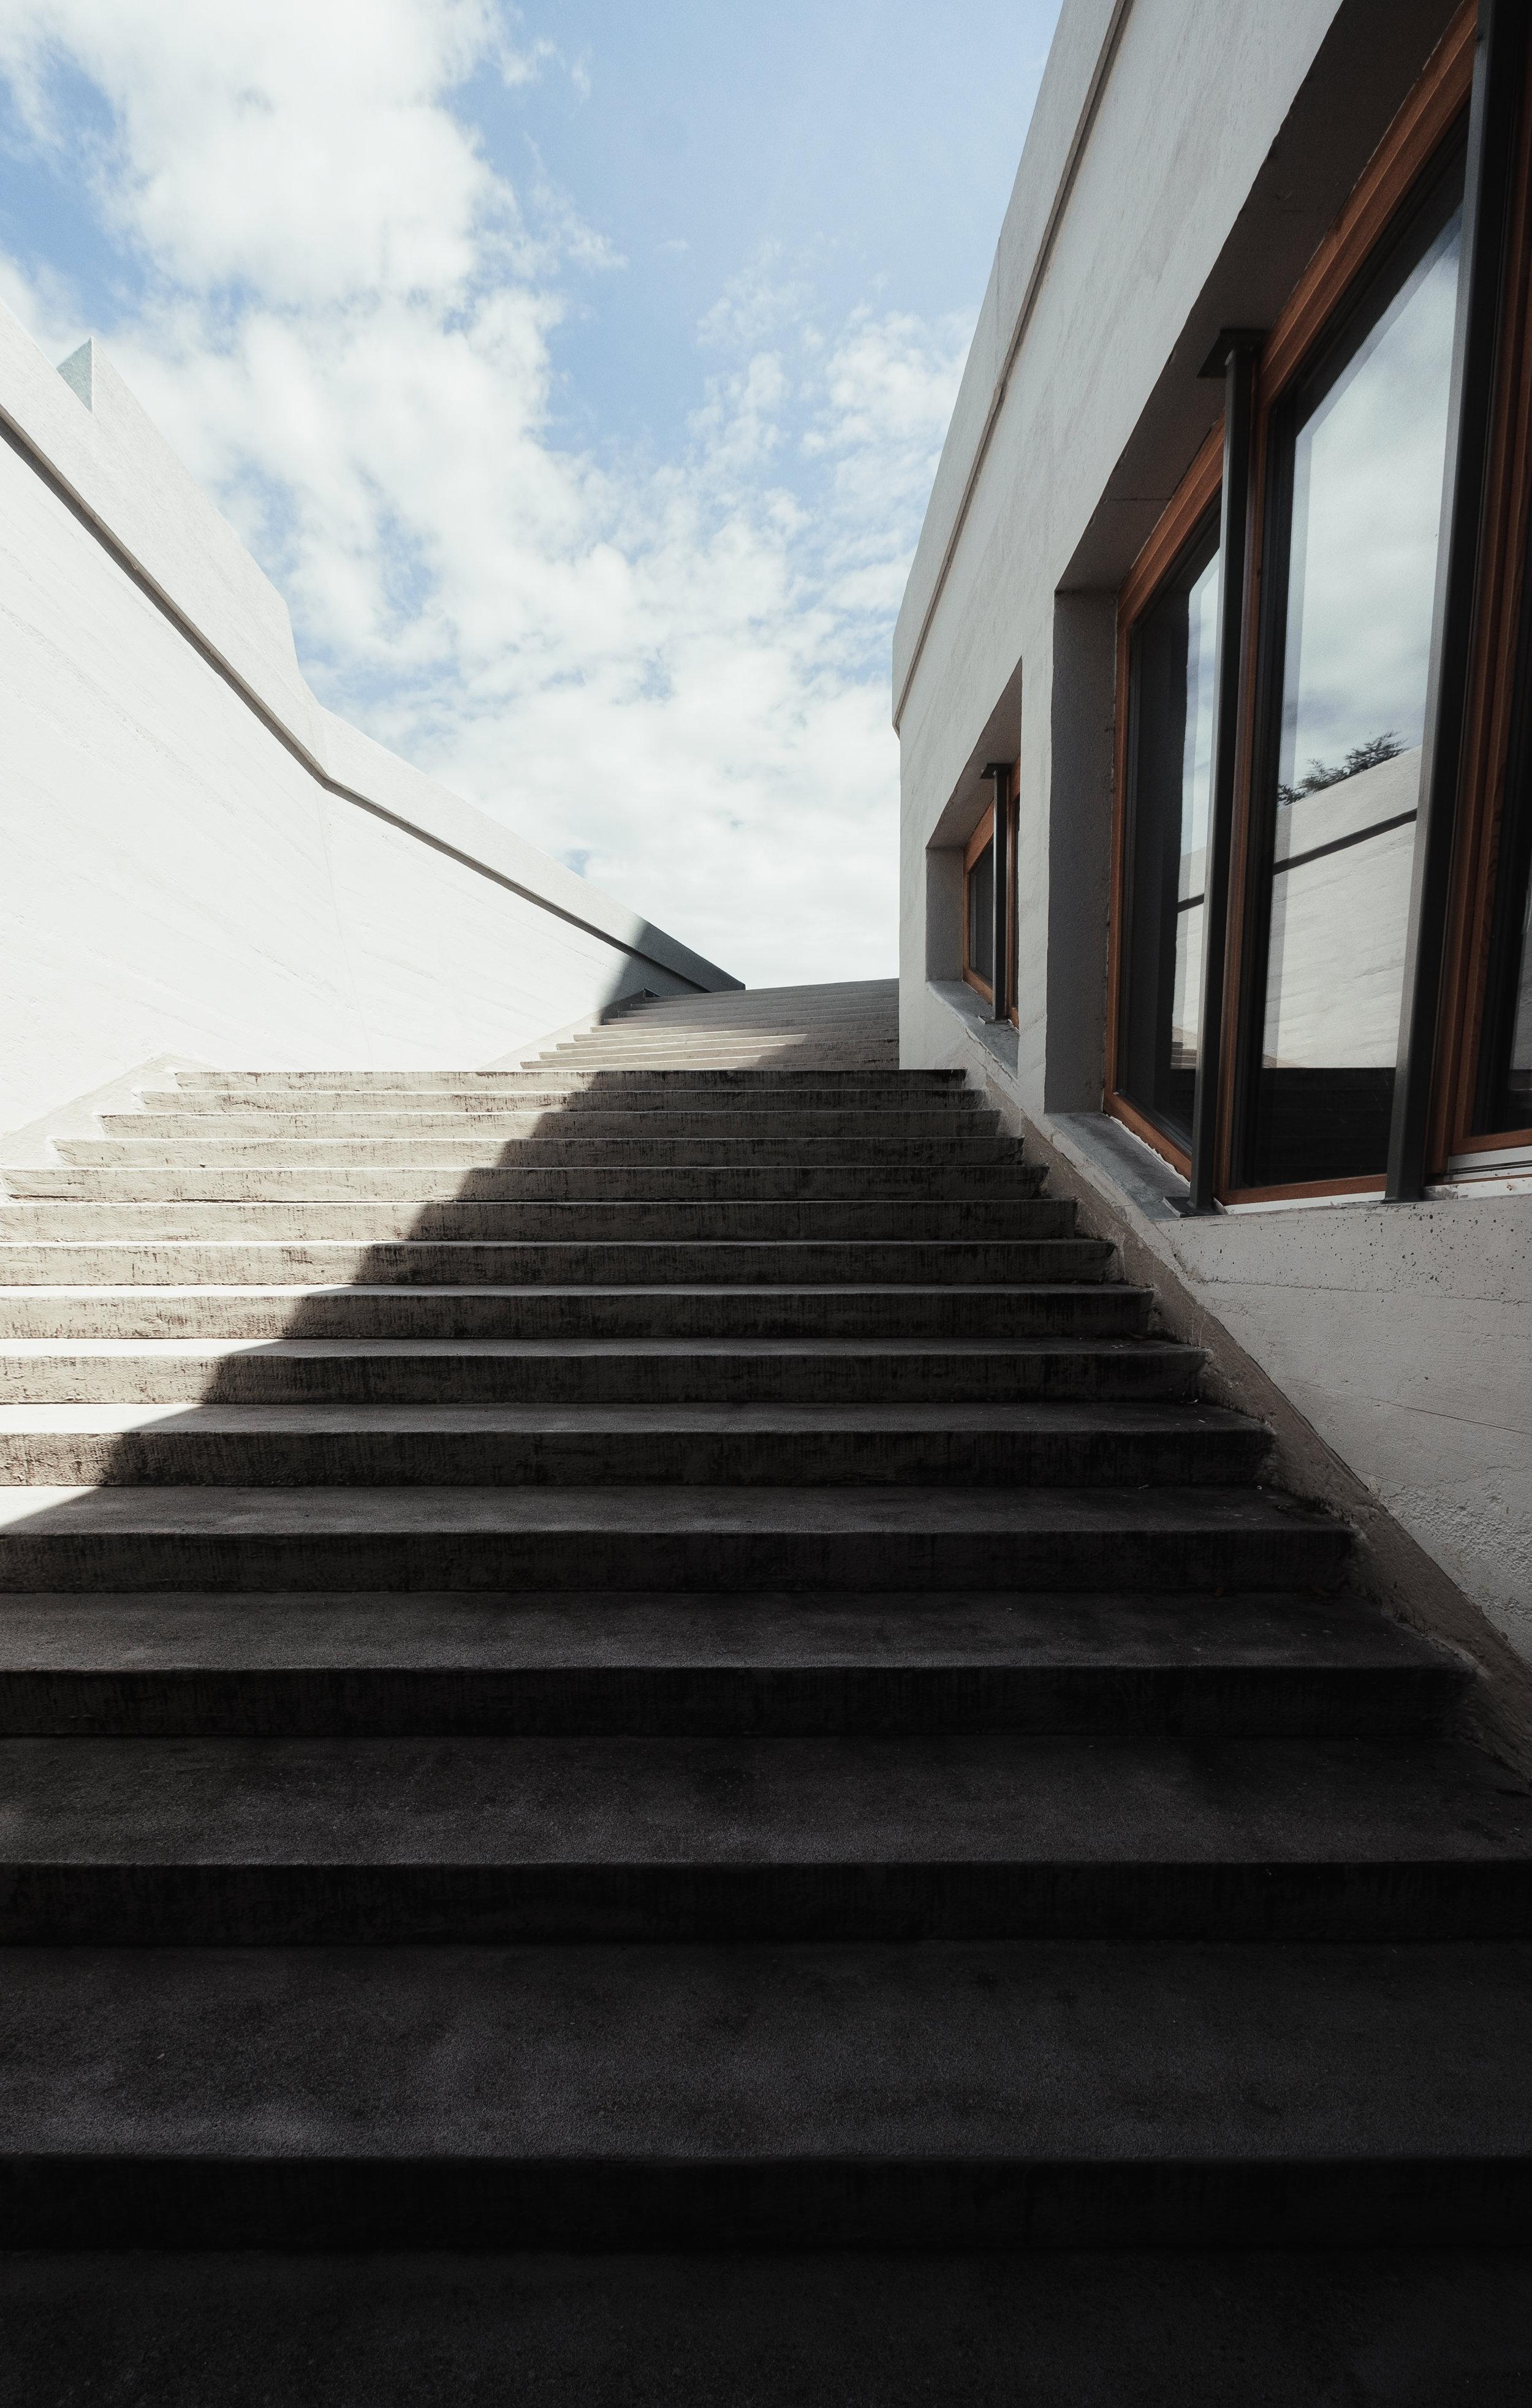 Goetheanum_2019_MTD_576-Edit.jpg